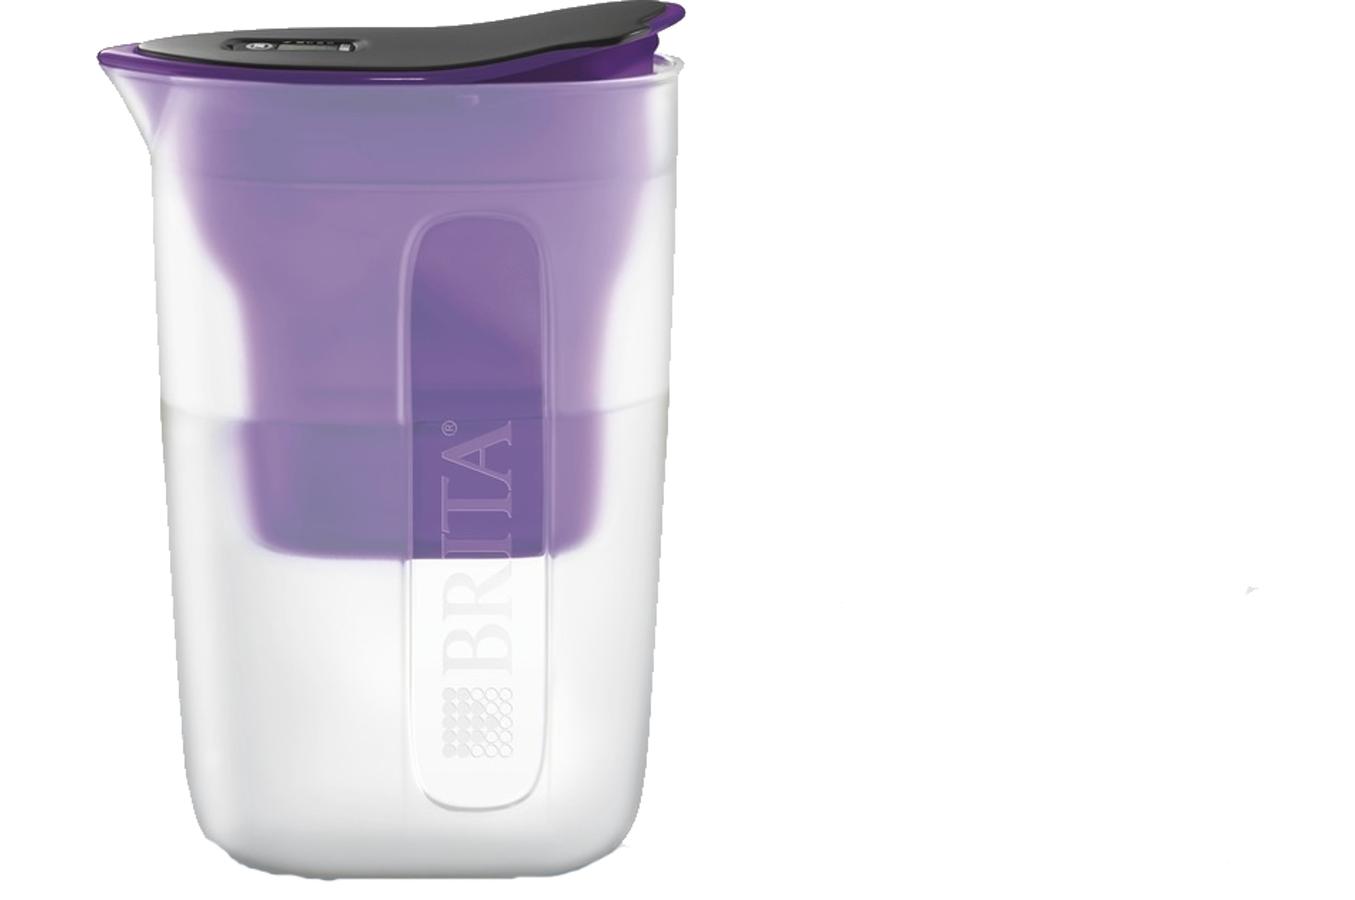 Carafe filtrante brita pack fun violet 4240782 darty - Carafe filtrante brita ...